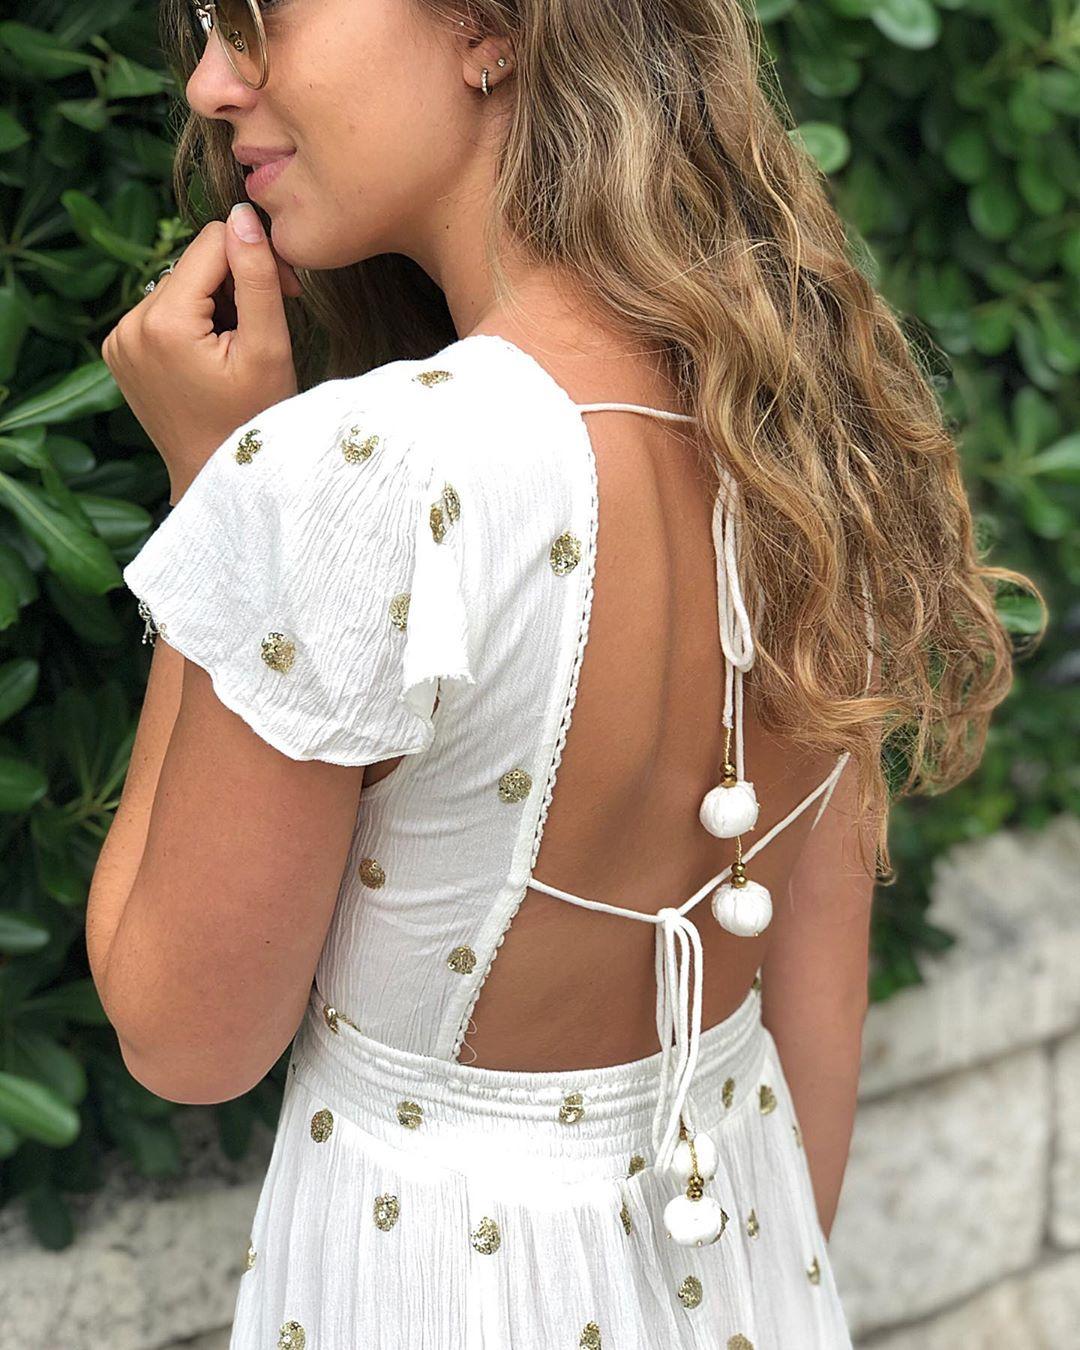 robe blanche fleurs/or de Les Bourgeoises sur urbandressing